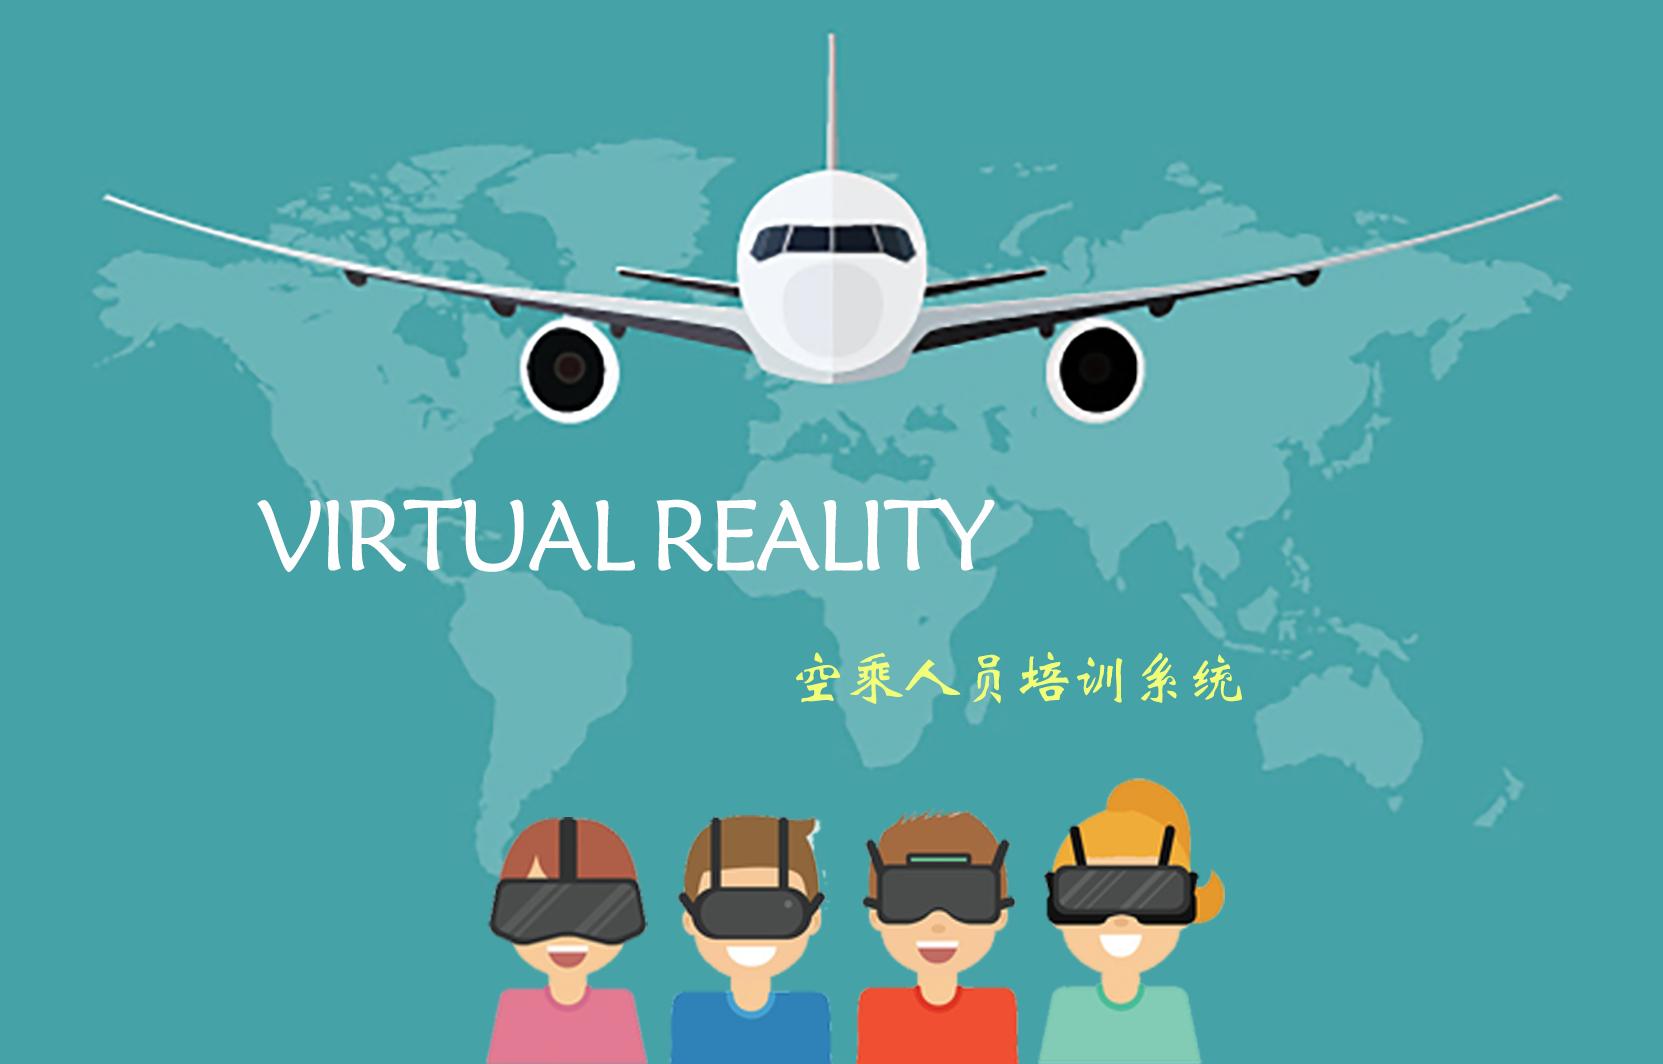 基于VR的空乘人员培训系统